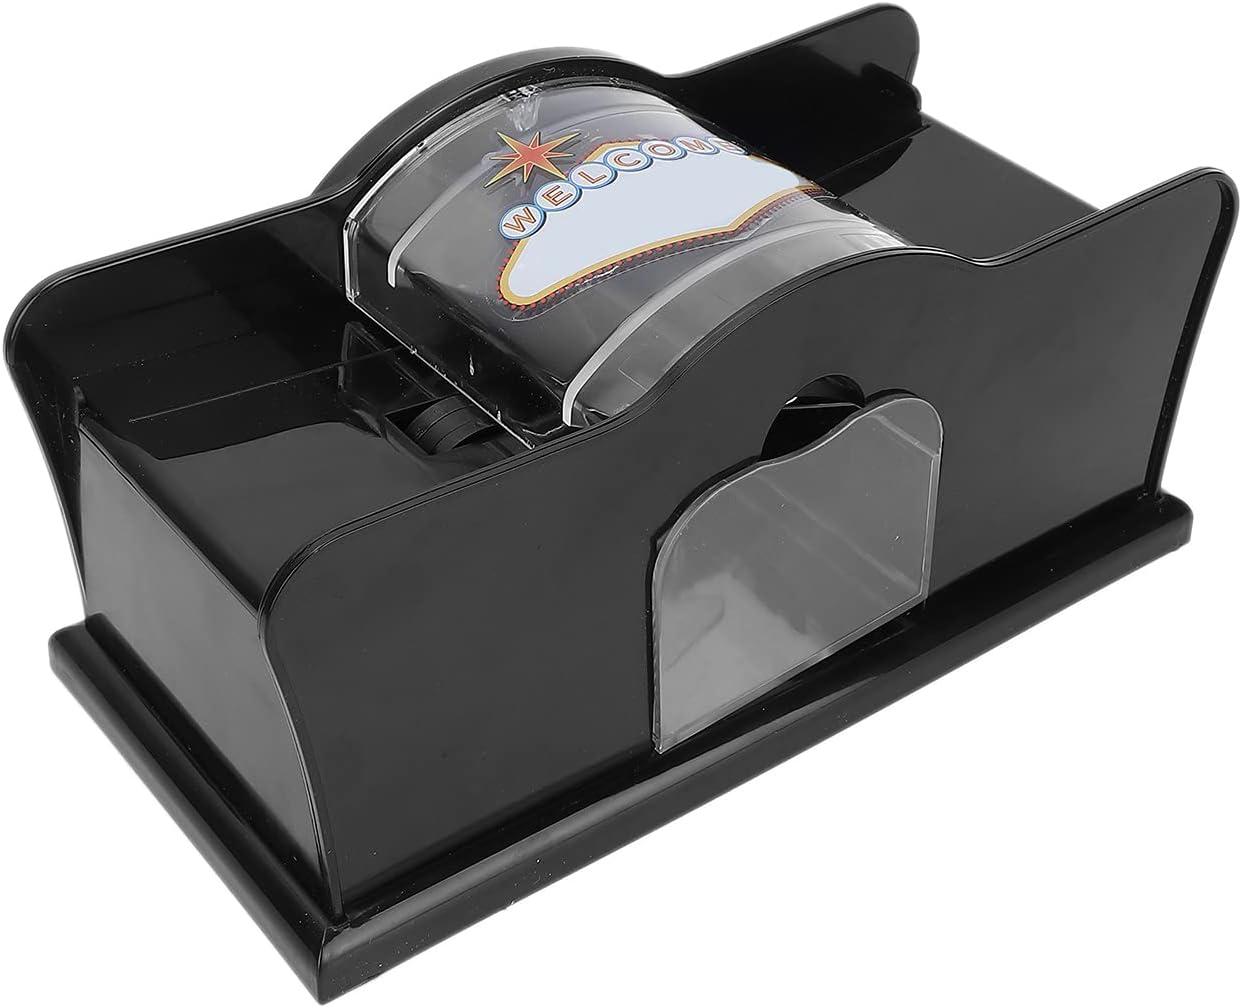 Manual Card Shuffler Wear Ultra-Cheap Deals Resistant Safe Port Mute Las Vegas Mall Professional